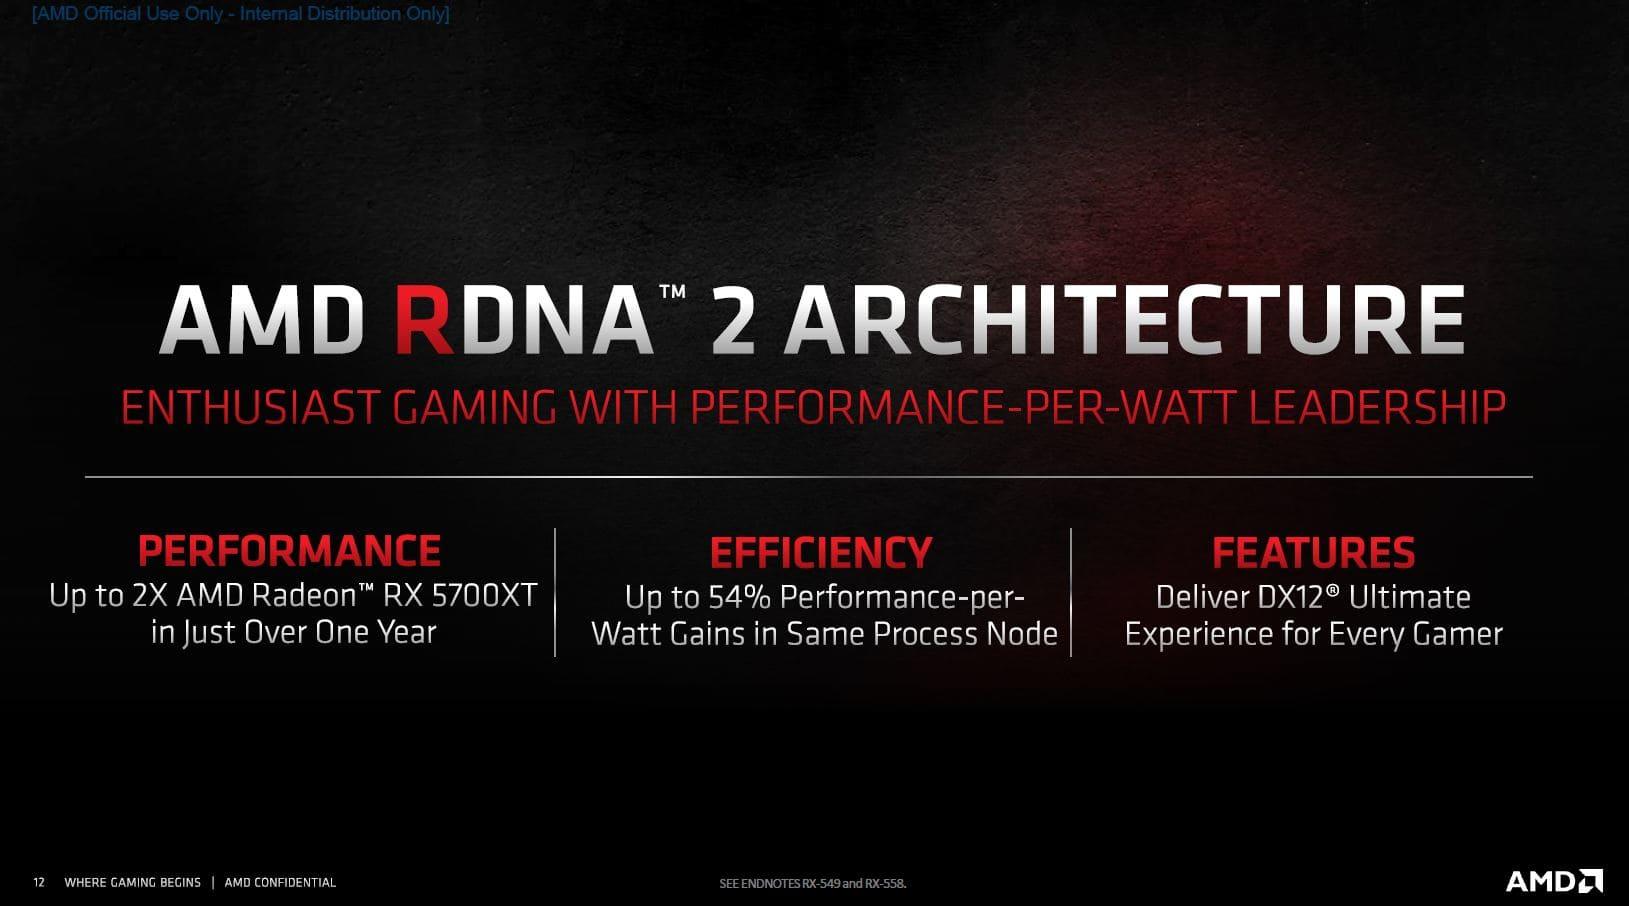 شركة AMD توفر بطاقة RX 6900XT الأقوى بشكل رسمي في الأسواق !